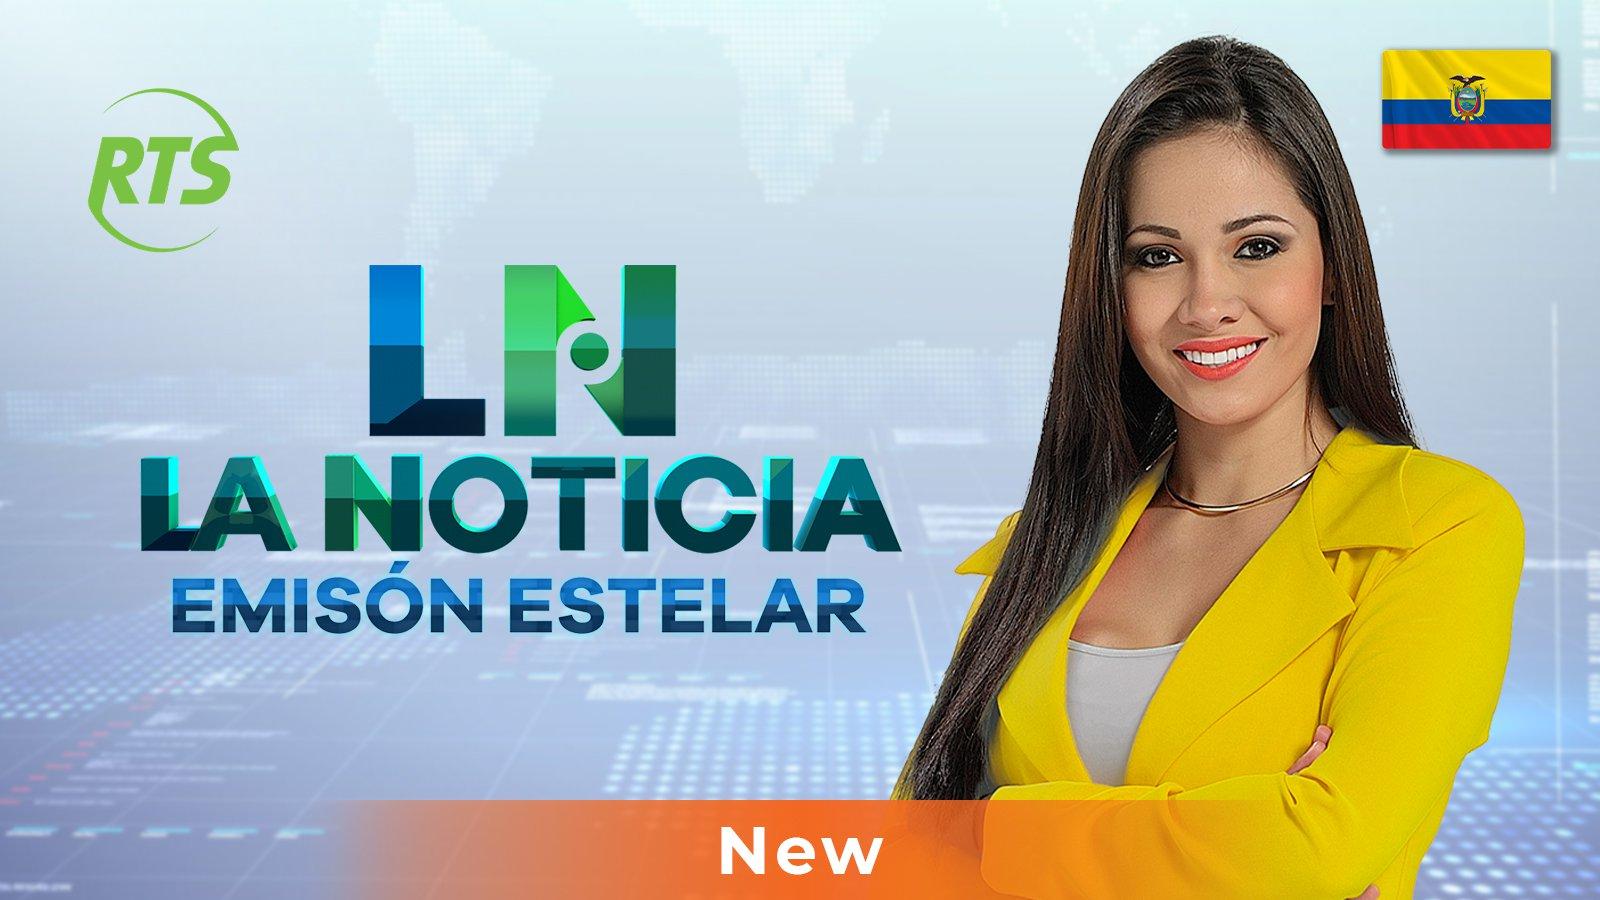 La Noticia Emisión Estelar poster